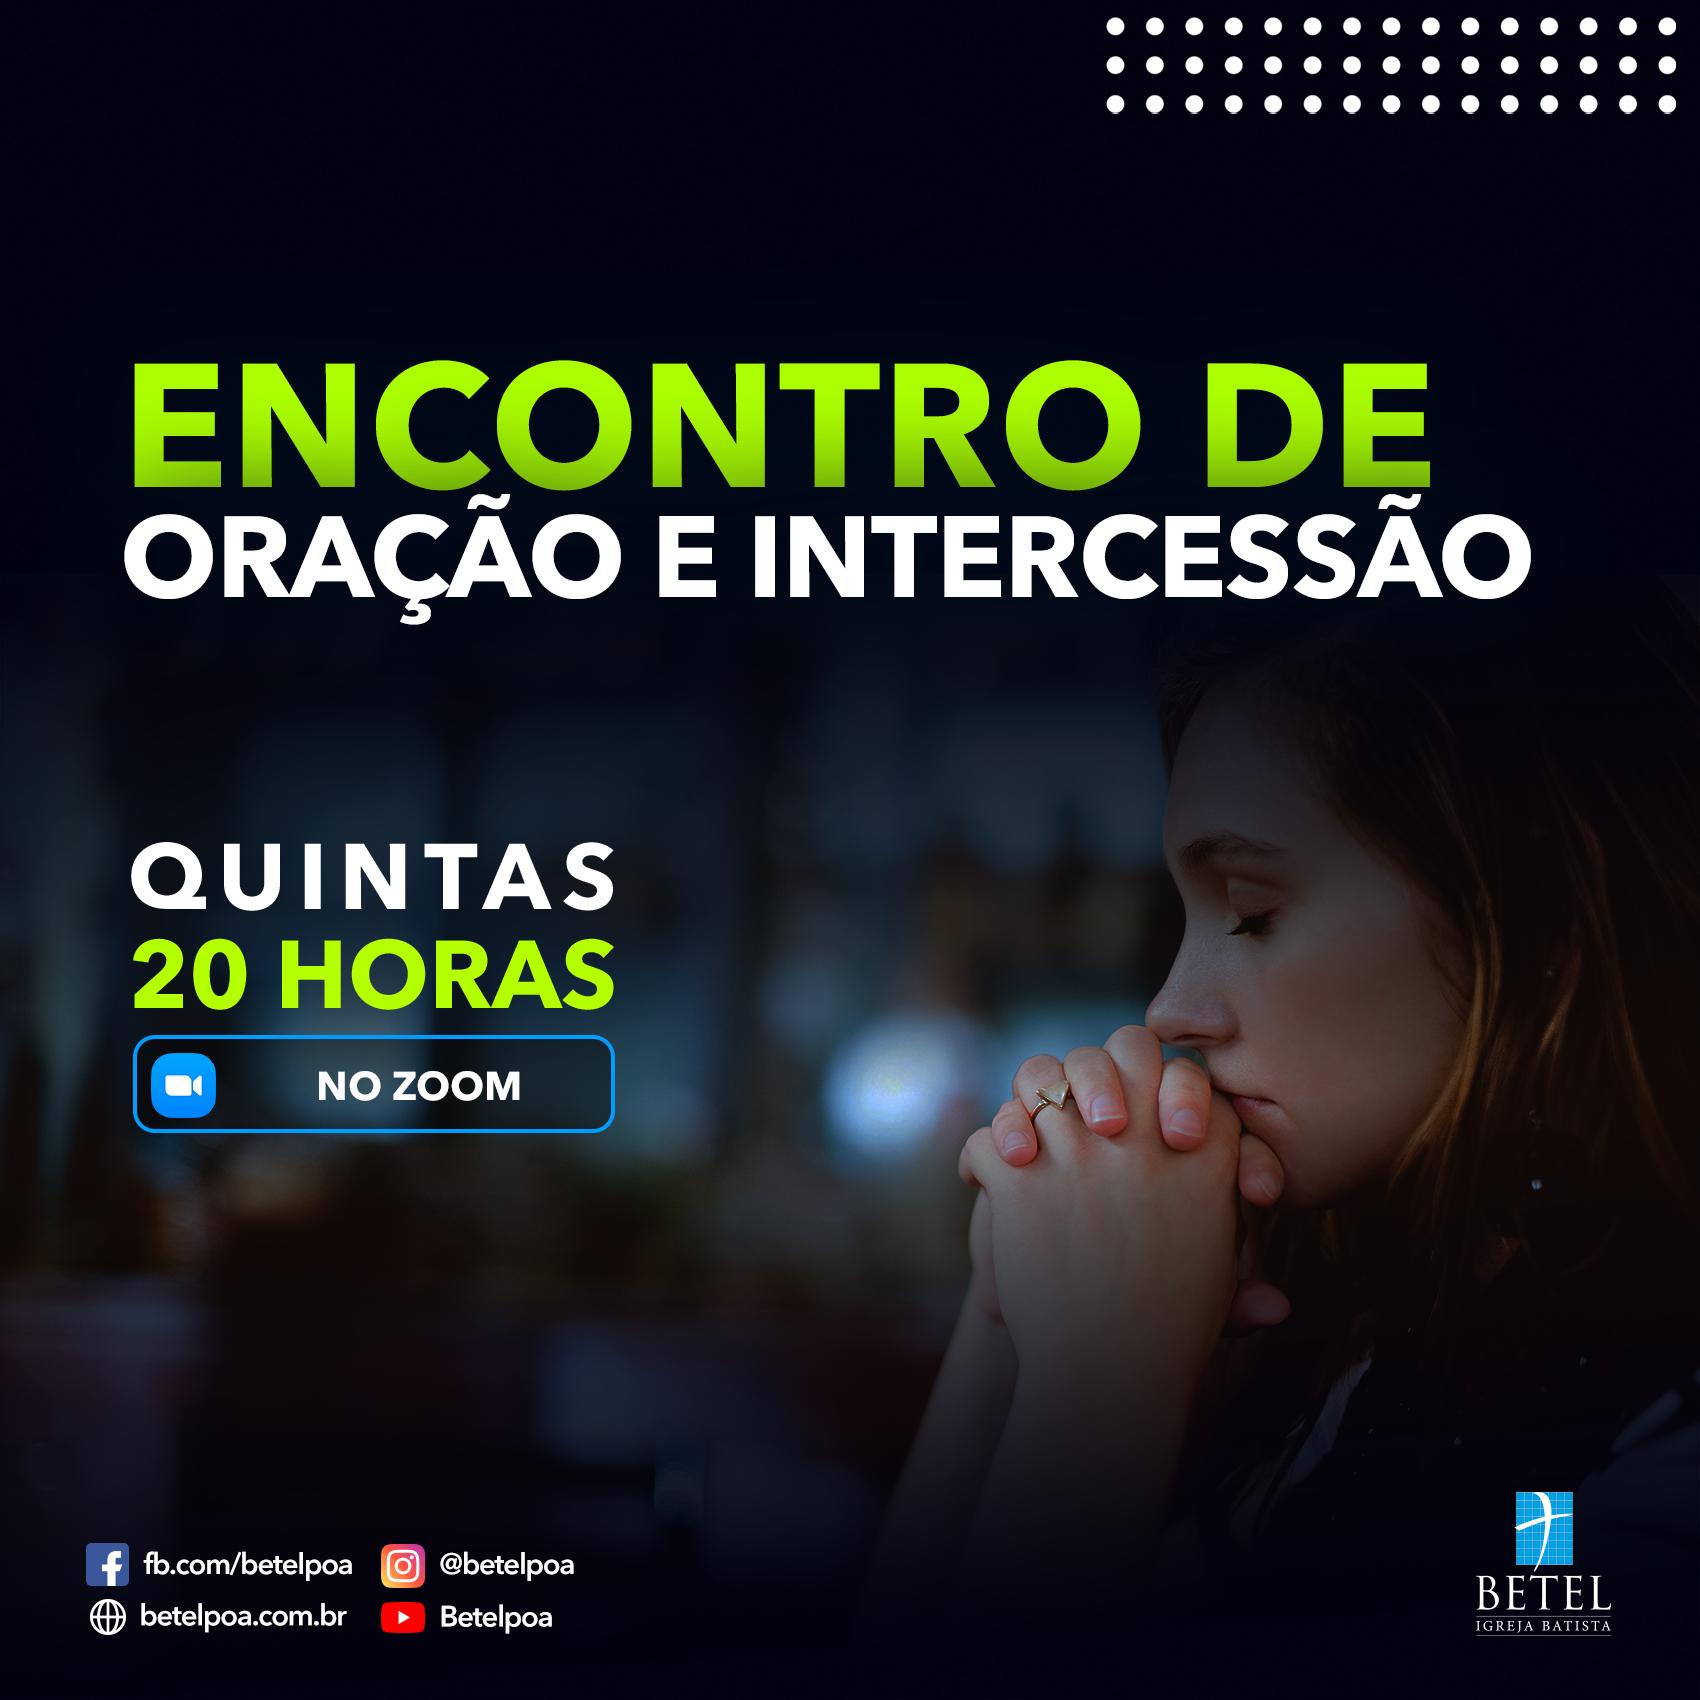 Encontro_de_oração_e_intercessao.png